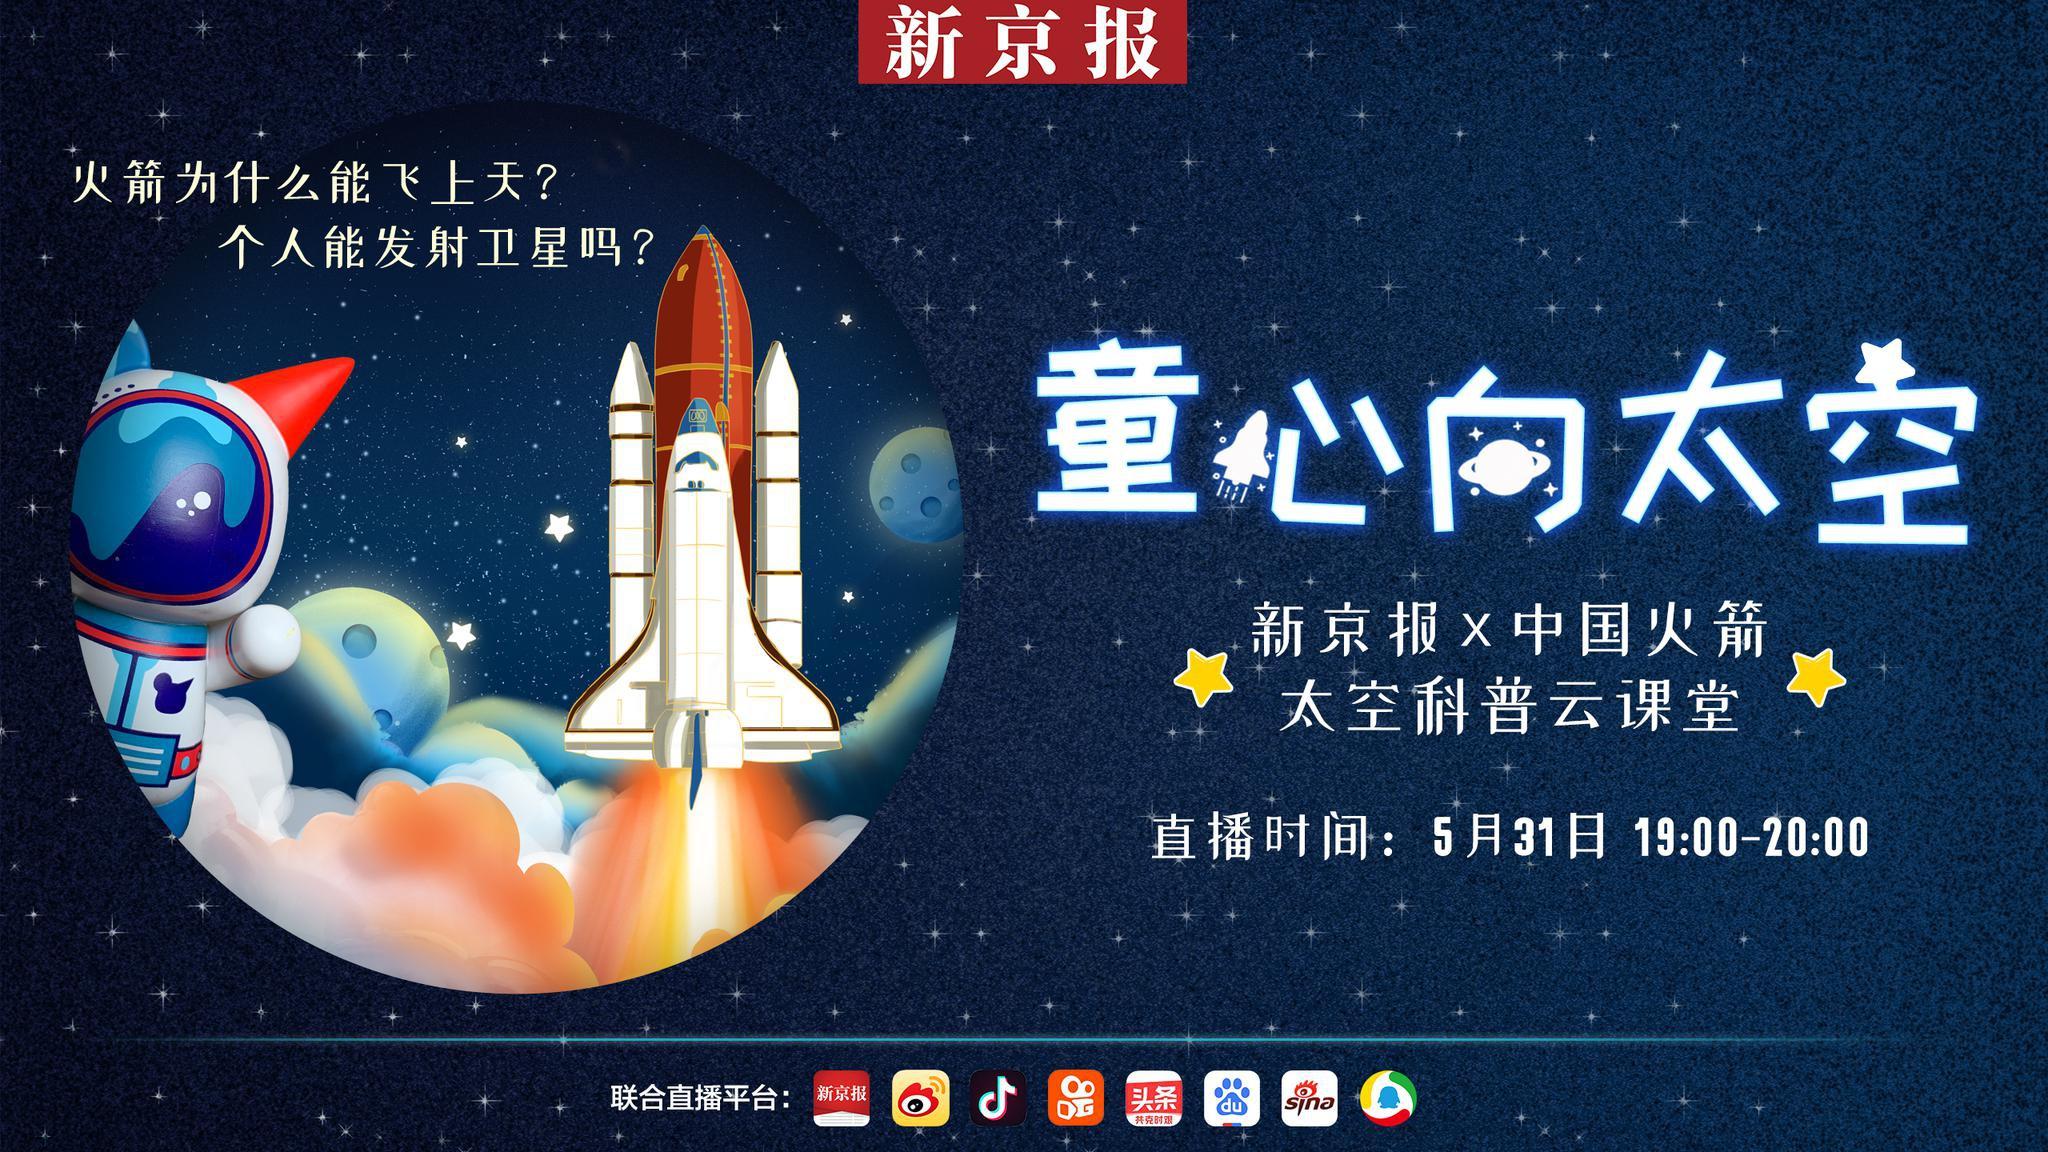 童心向太空,解密火箭,新京报与中国火箭科普云课堂来了